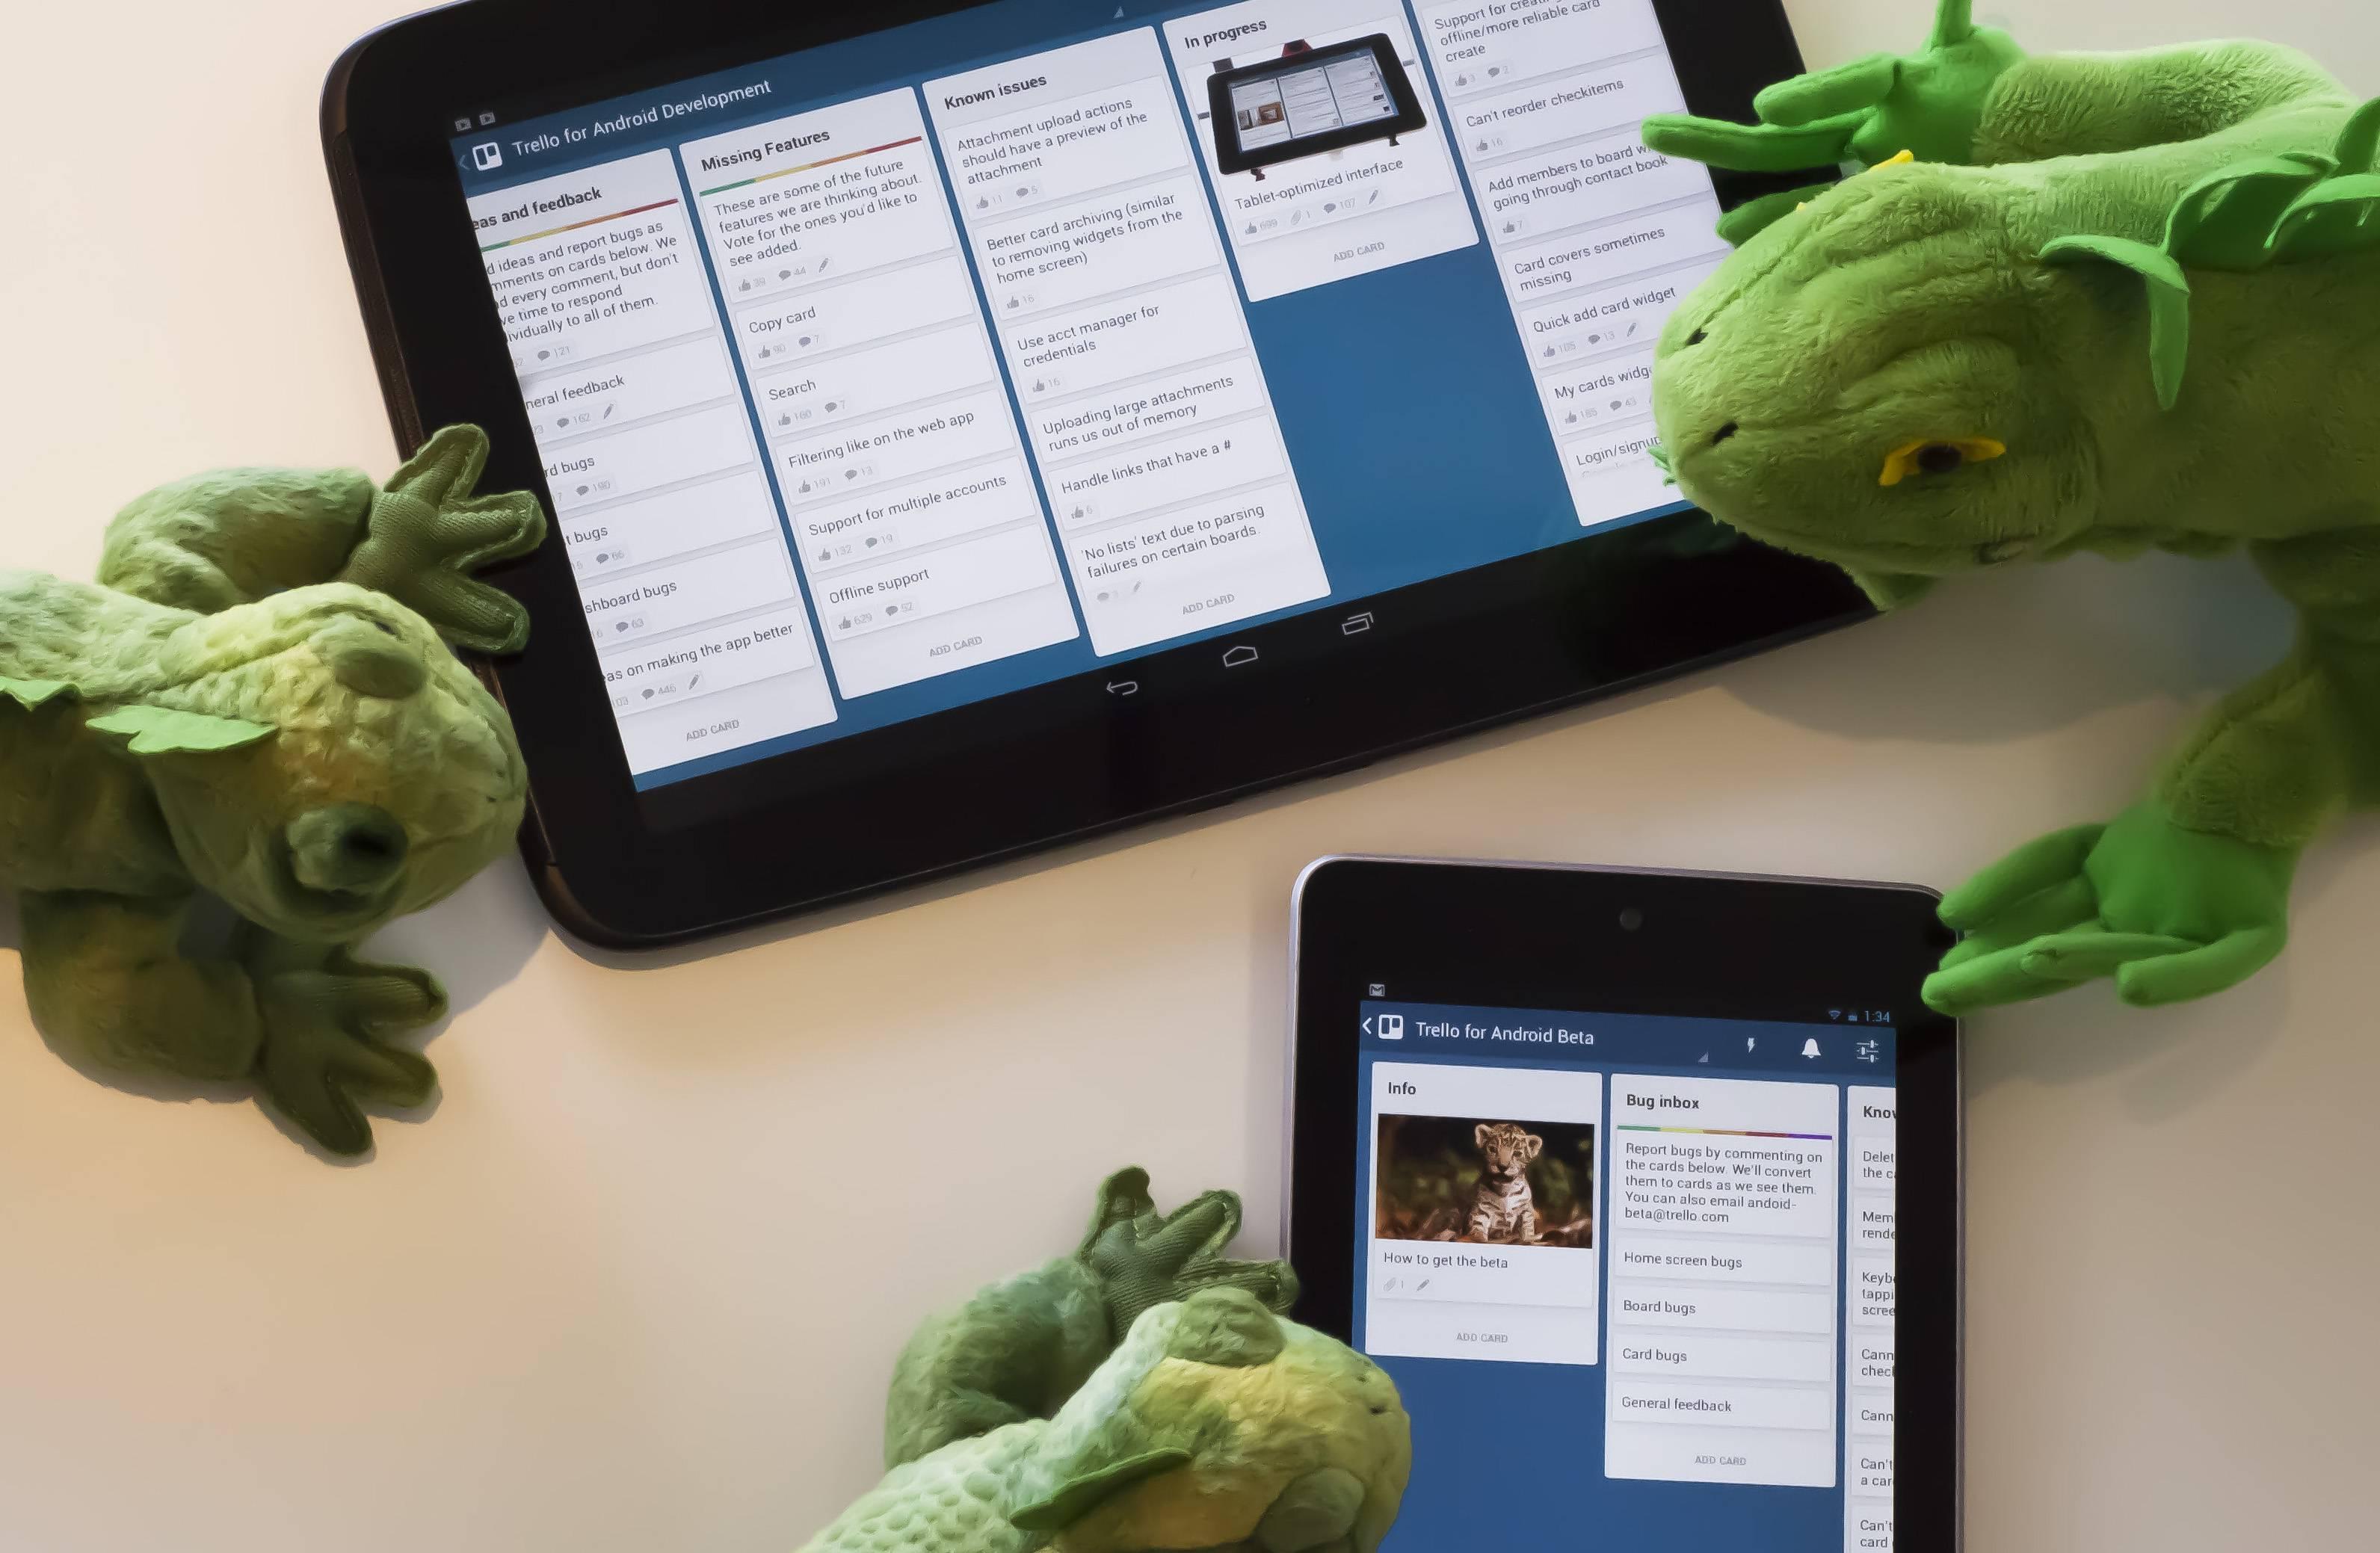 Las mejores tablets Android de 10 pulgadas